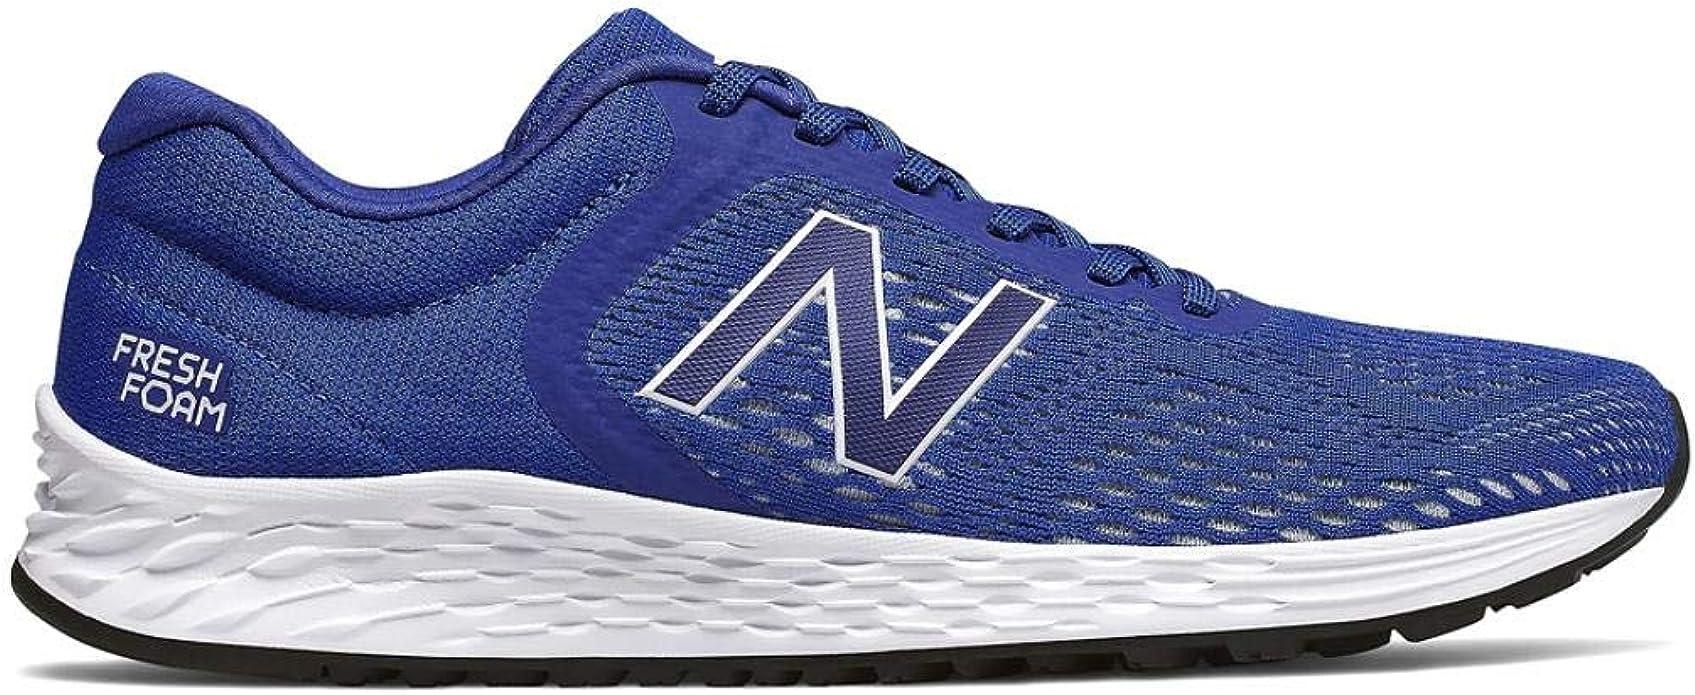 Arishi V2 Fresh Foam Running Shoe